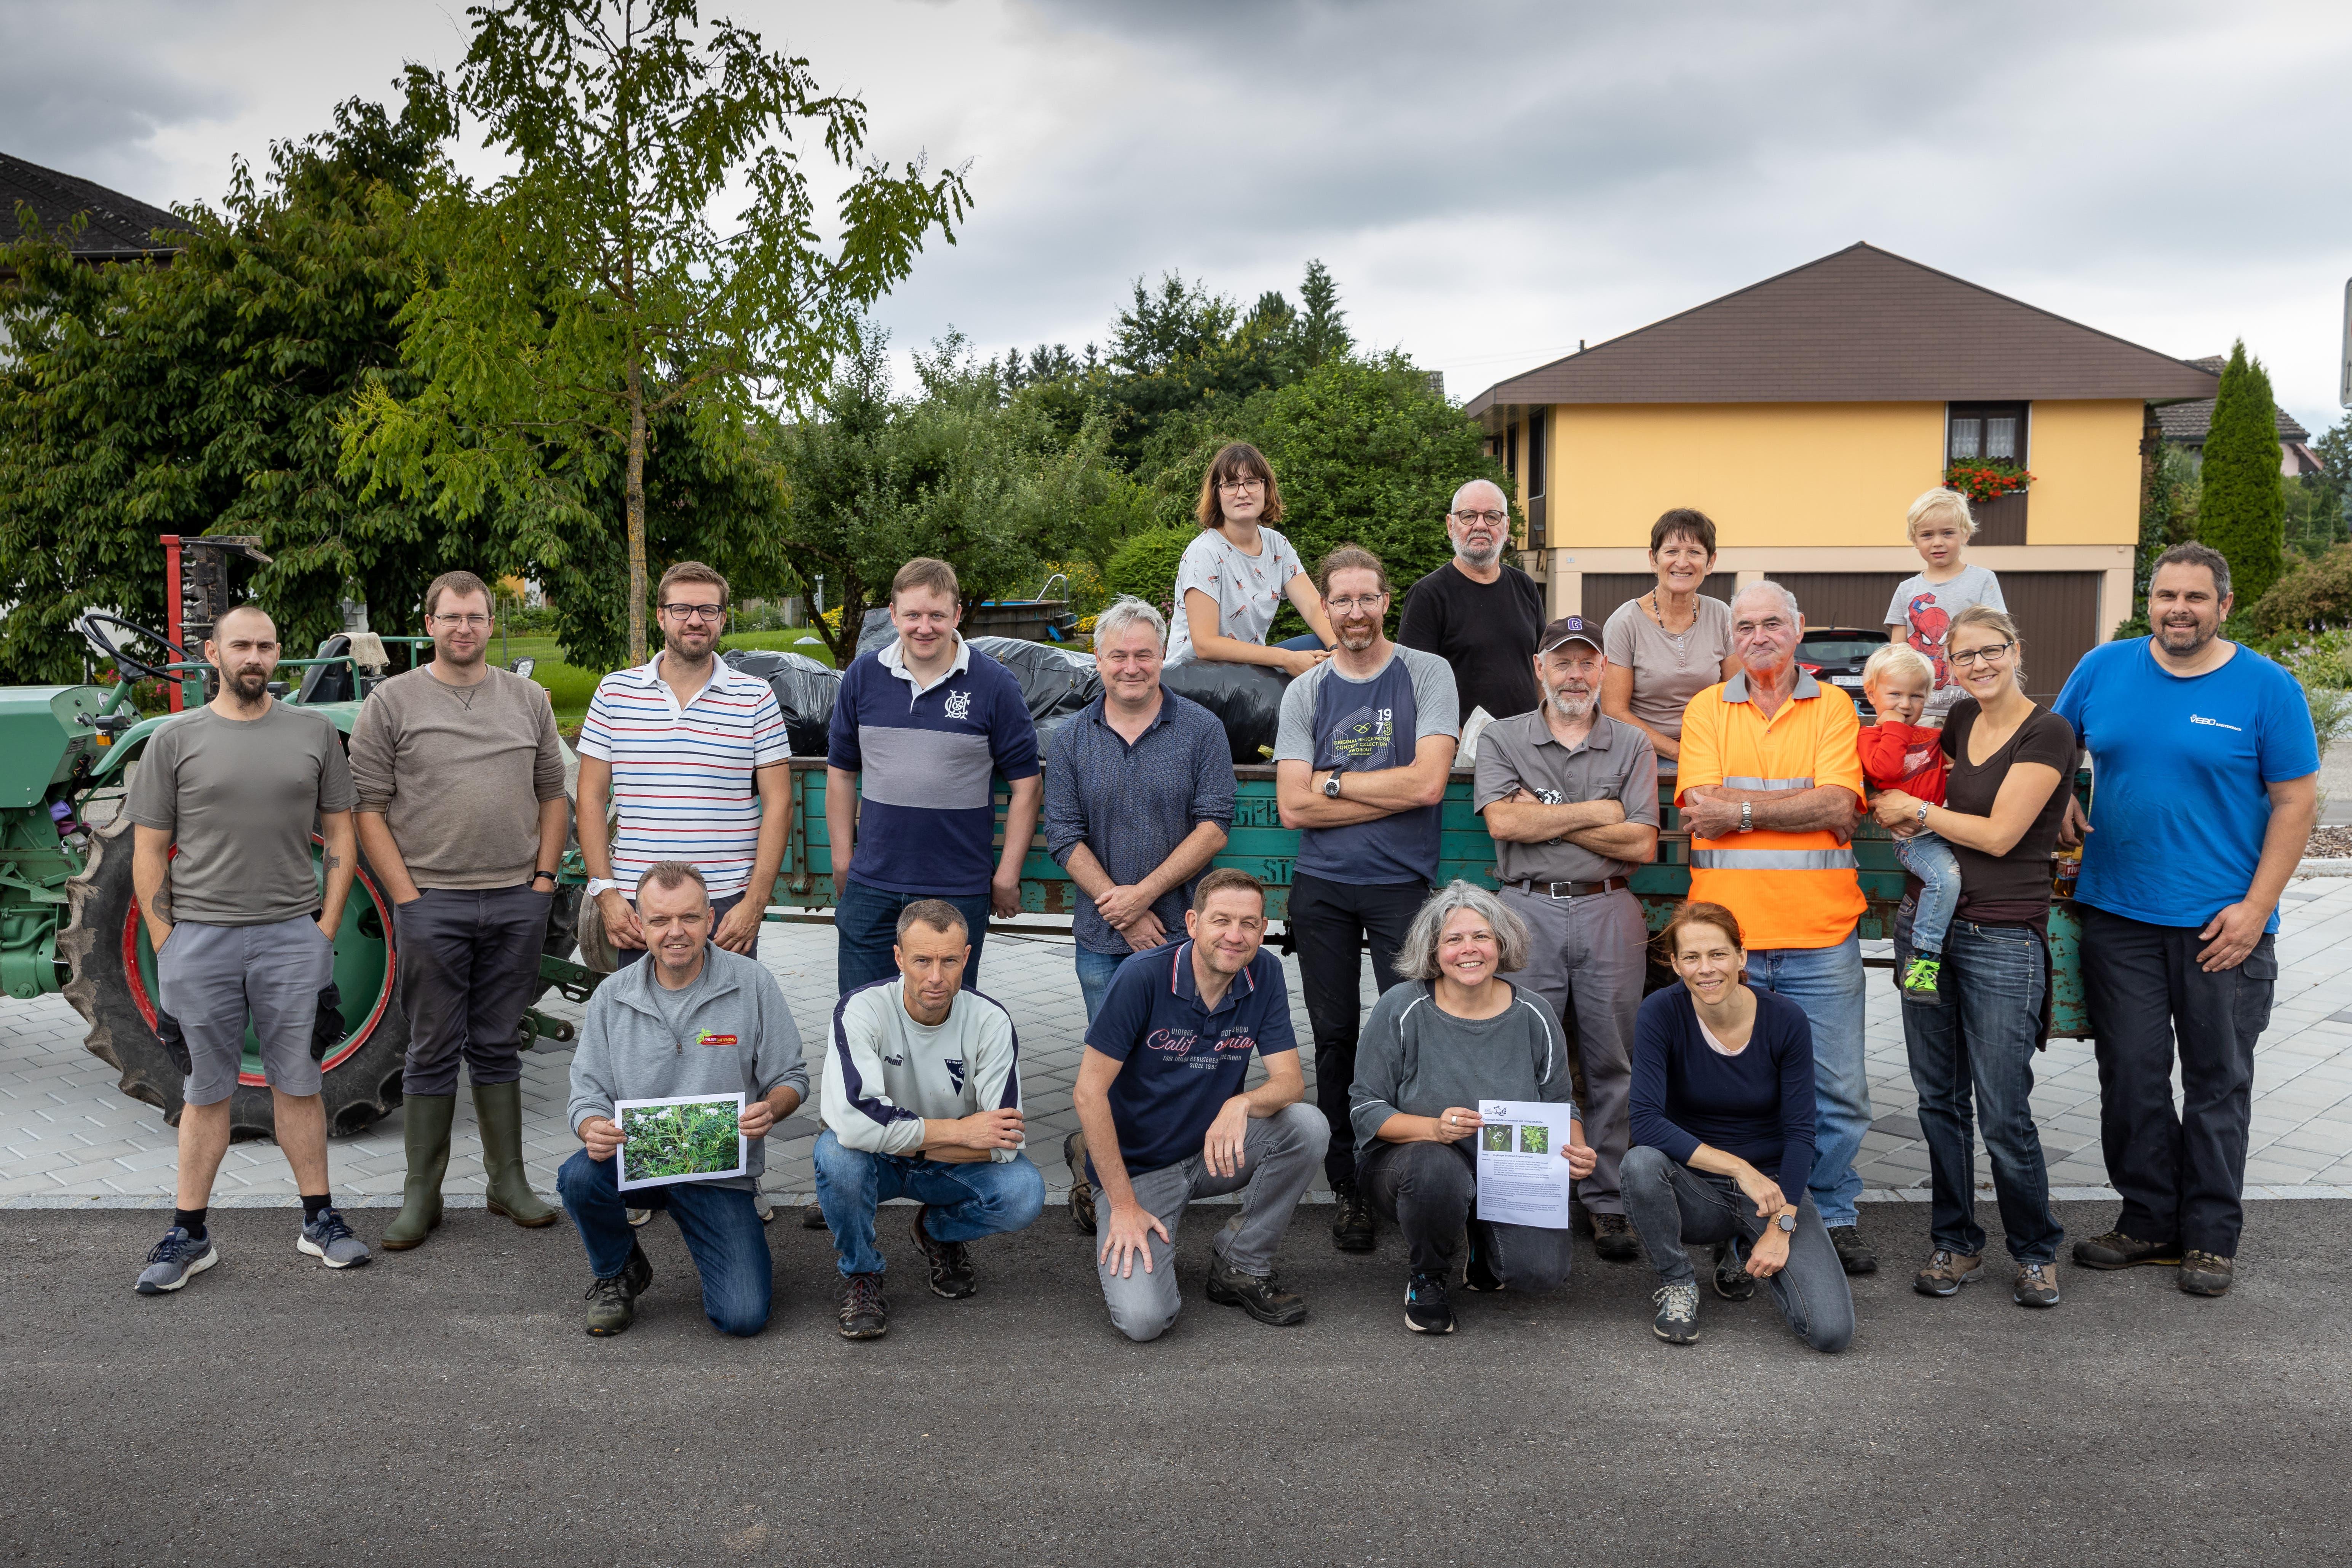 Neophyten - Aktion auf dem Gemeindegebiet in Wolfwil: Gruppenbild der Helferinnen und Helfer.